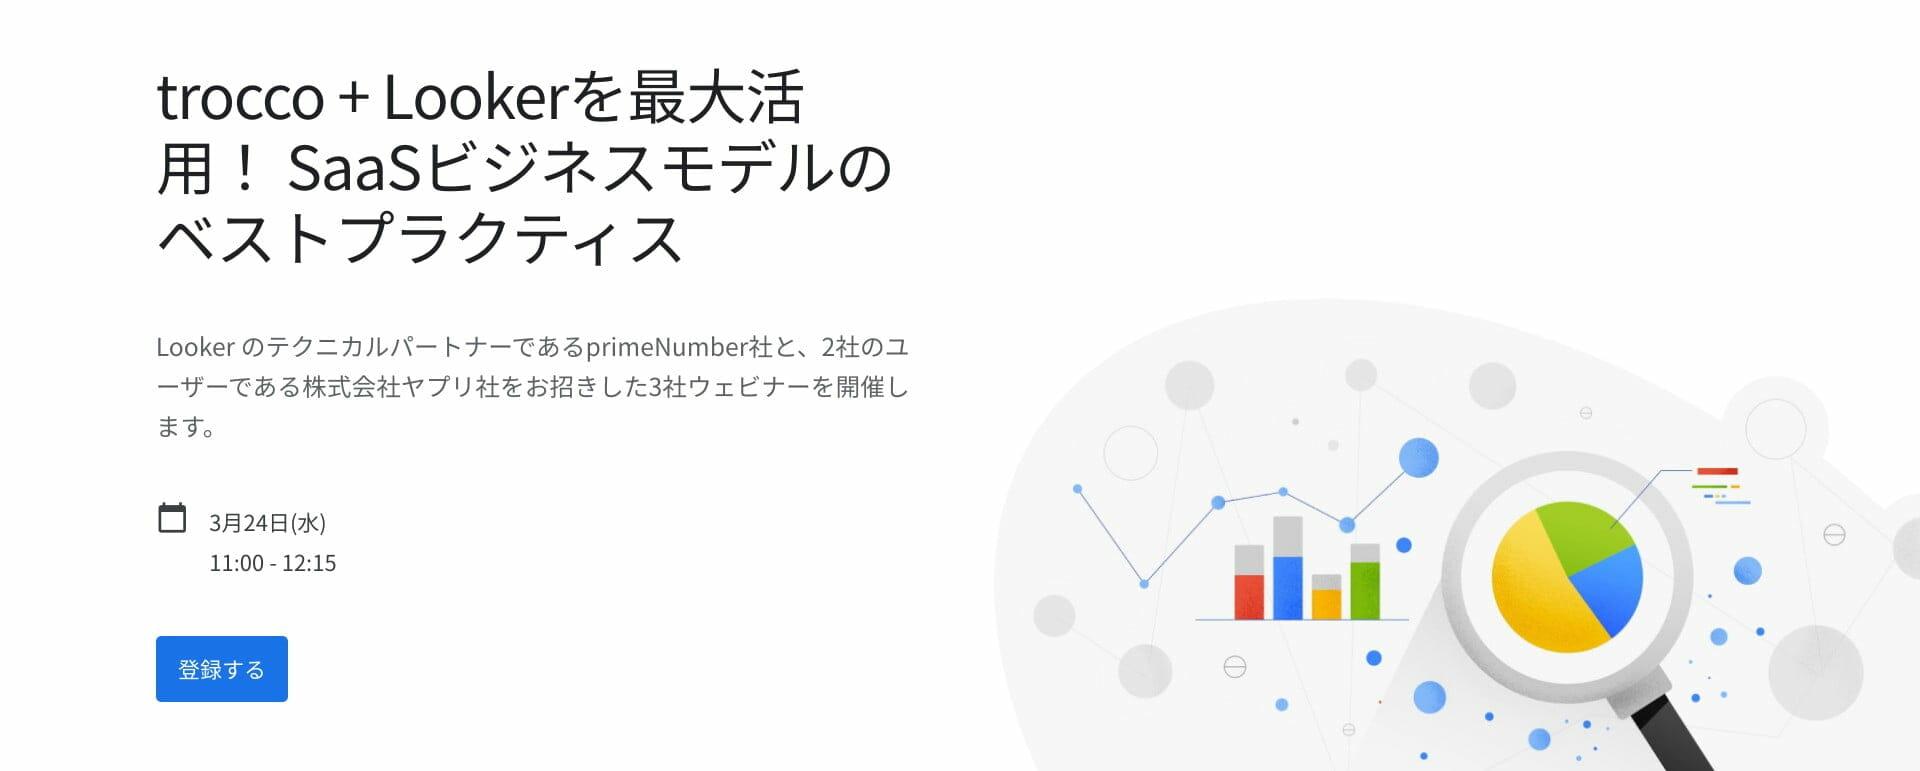 [Looker] trocco + Lookerを最大活用! SaaSビジネスモデルのベストプラクティス